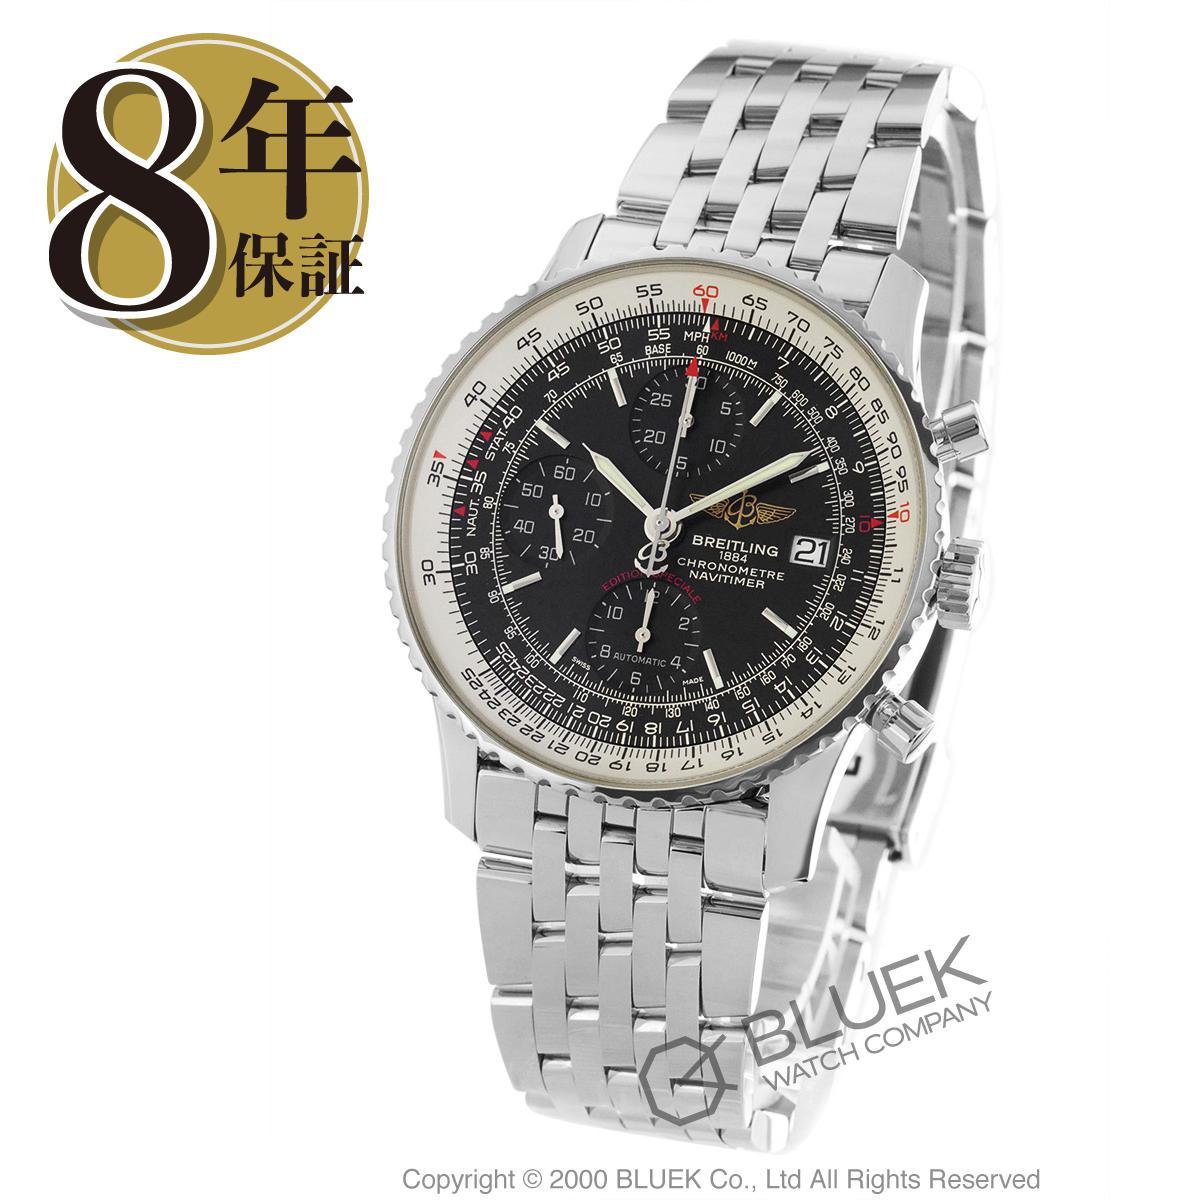 ブライトリング BREITLING 腕時計 ナビタイマー ヘリテージ メンズ A113B27NP_8